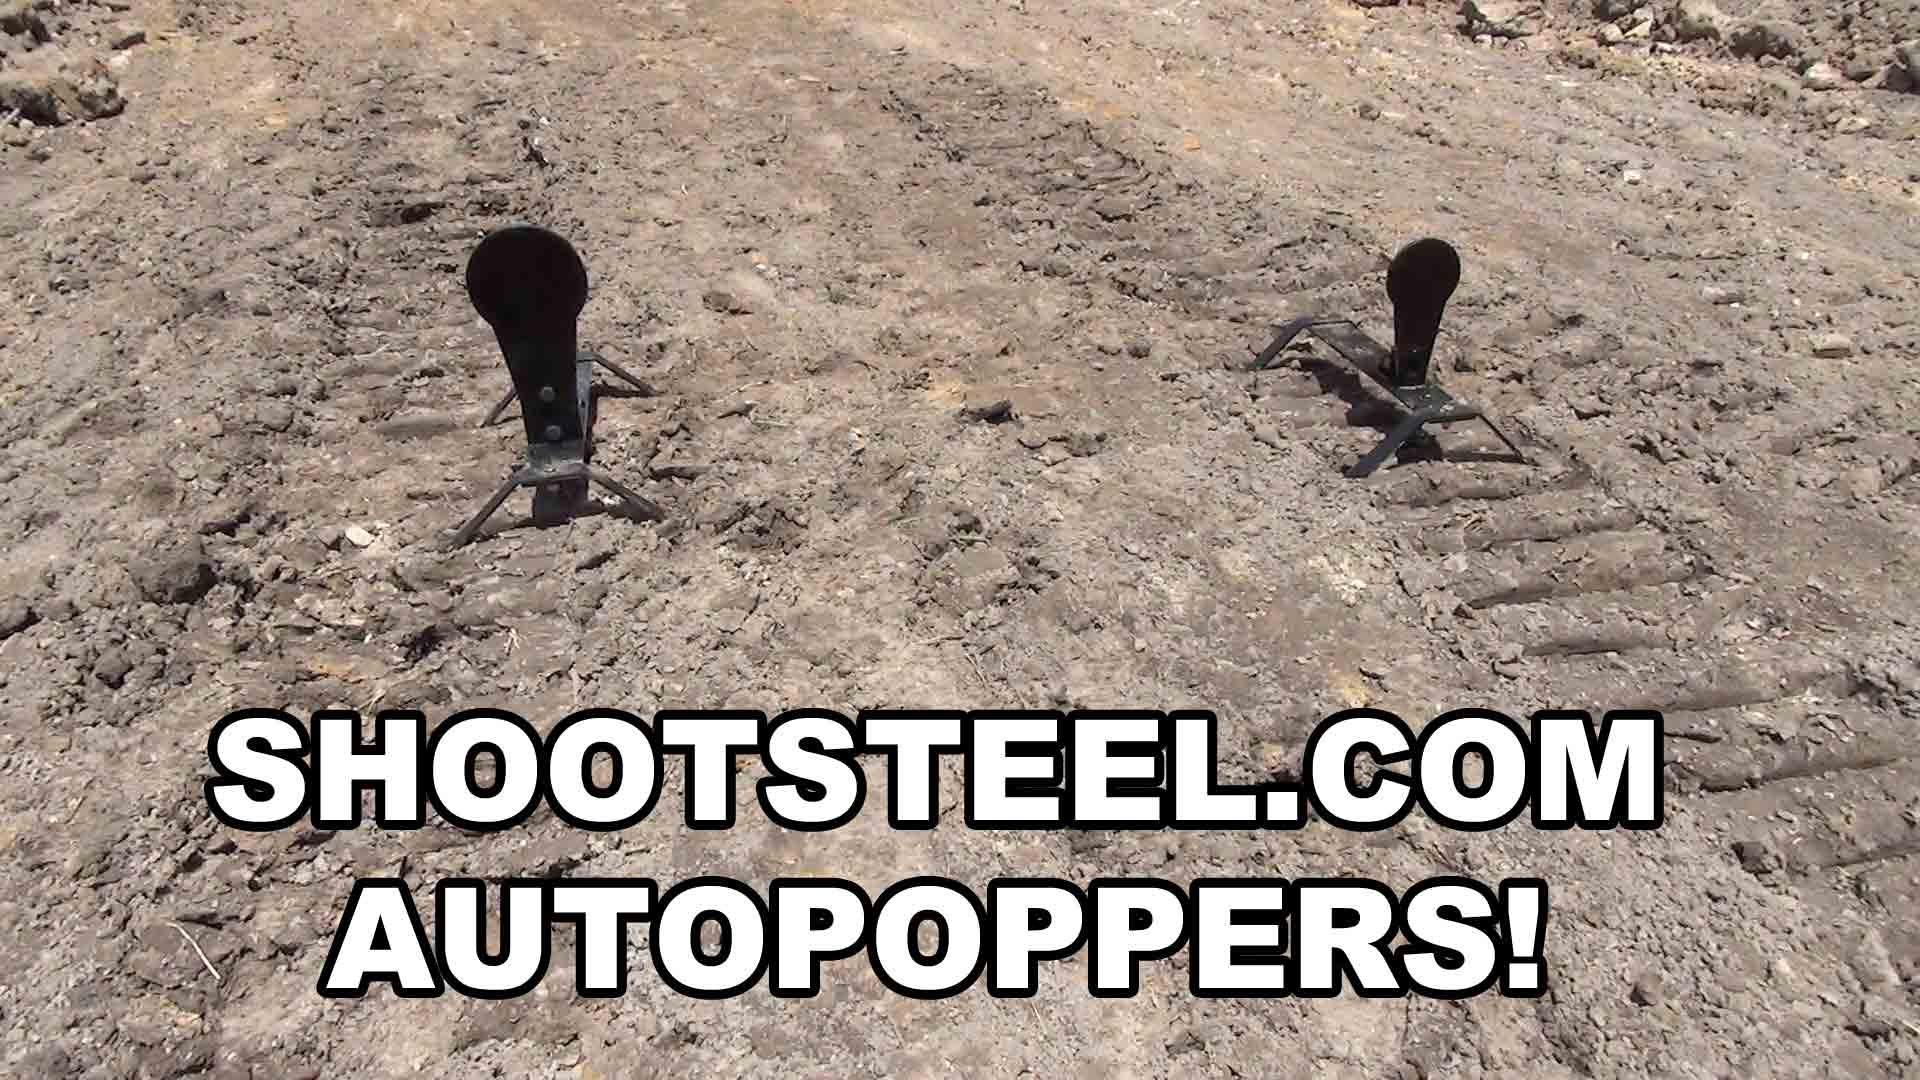 ShootSteel AutoPopper Targets